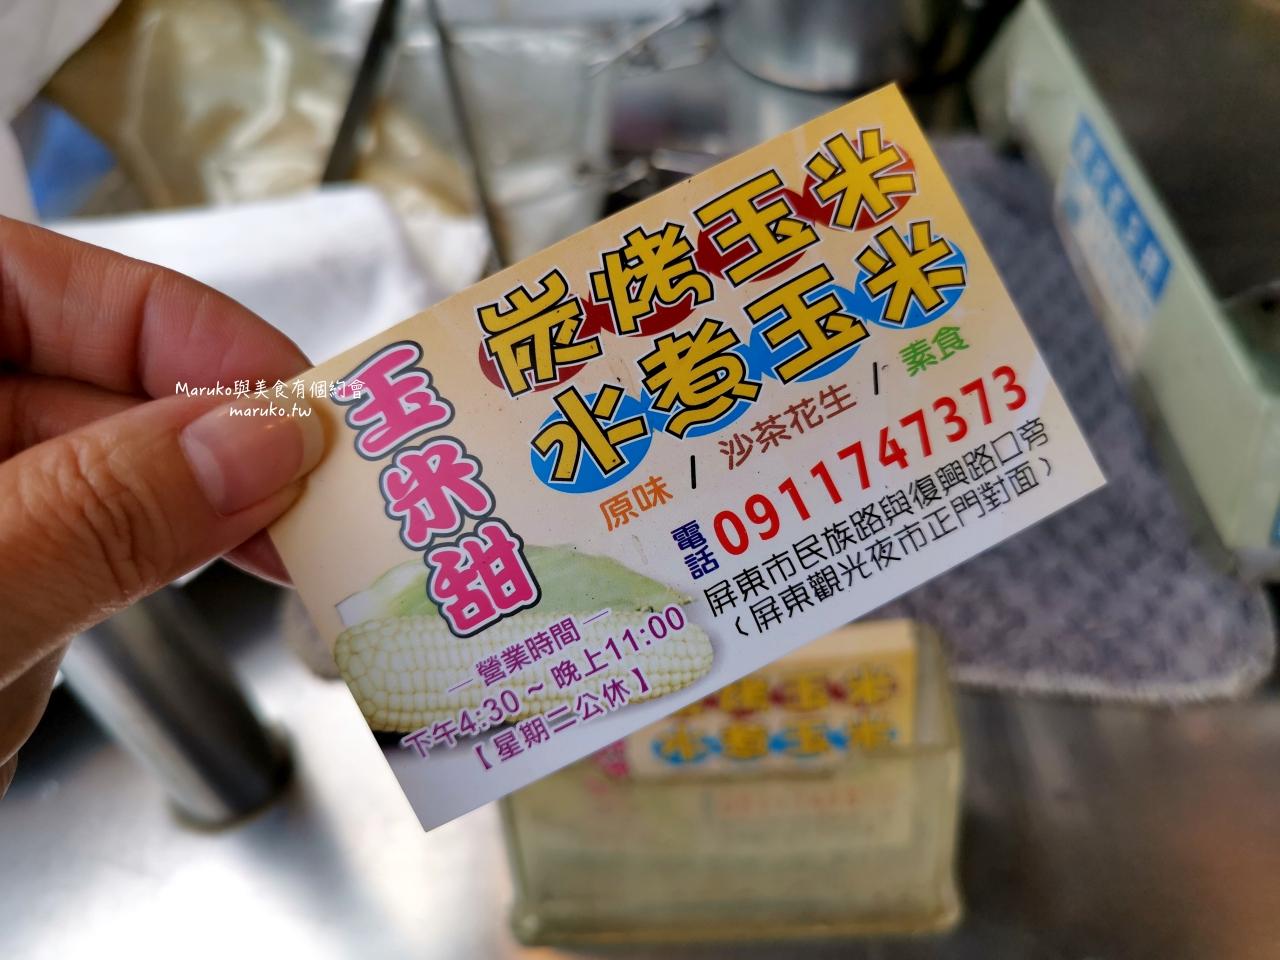 【屏東】玉米甜/在地人推薦隱藏版炭烤玉米/屏東夜市小吃 @Maruko與美食有個約會